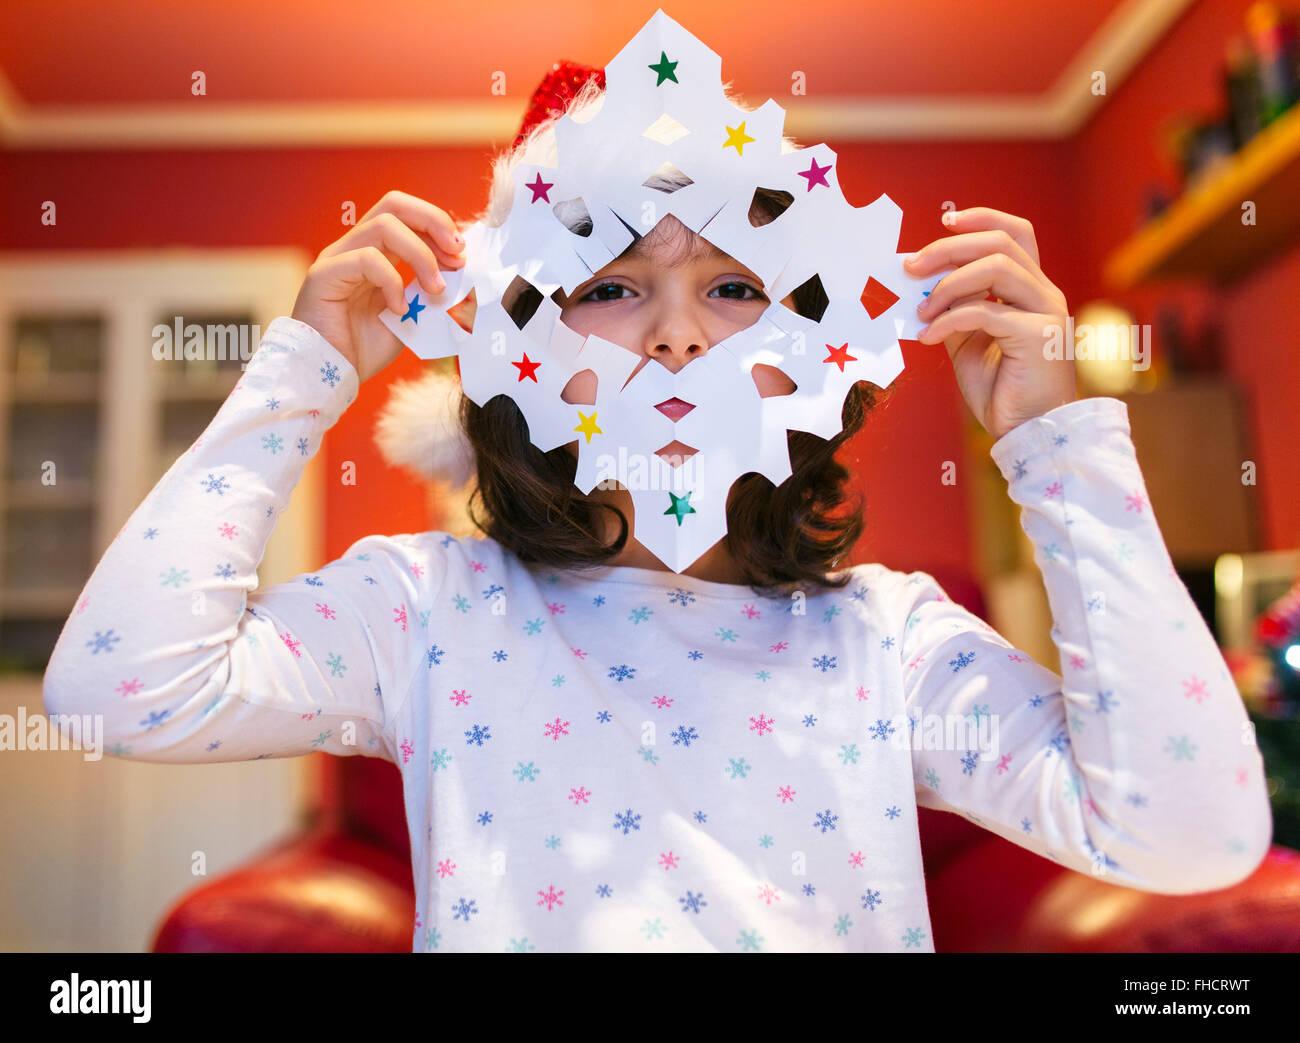 Niña con retocada decoración navideña Imagen De Stock